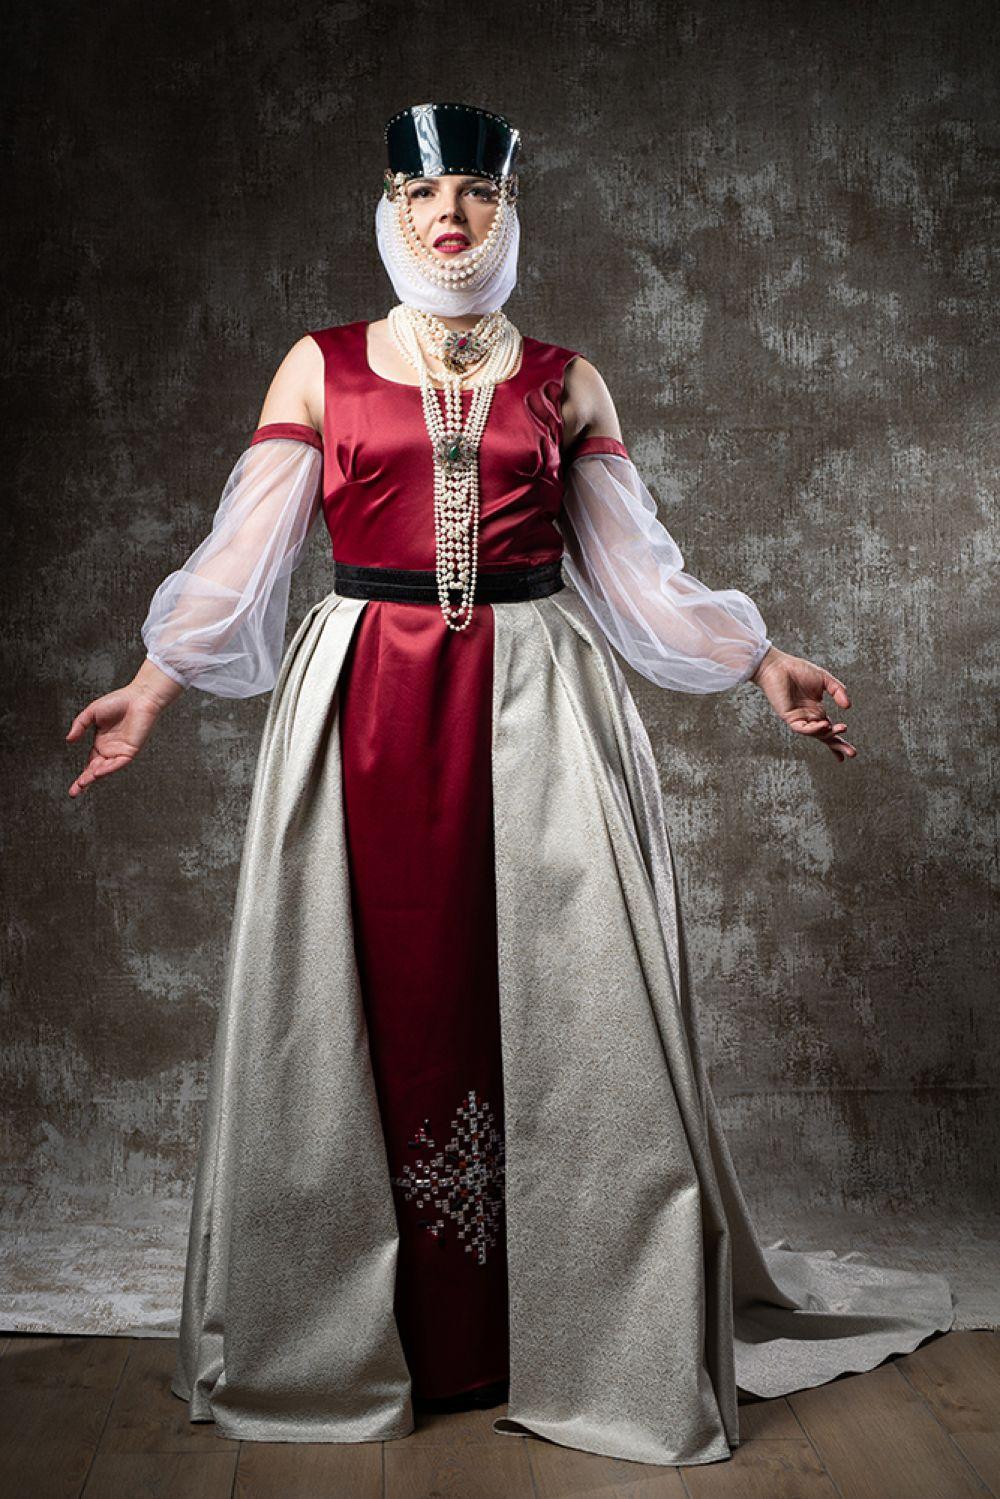 Образ Виктории Клевец на мотив национального костюма.